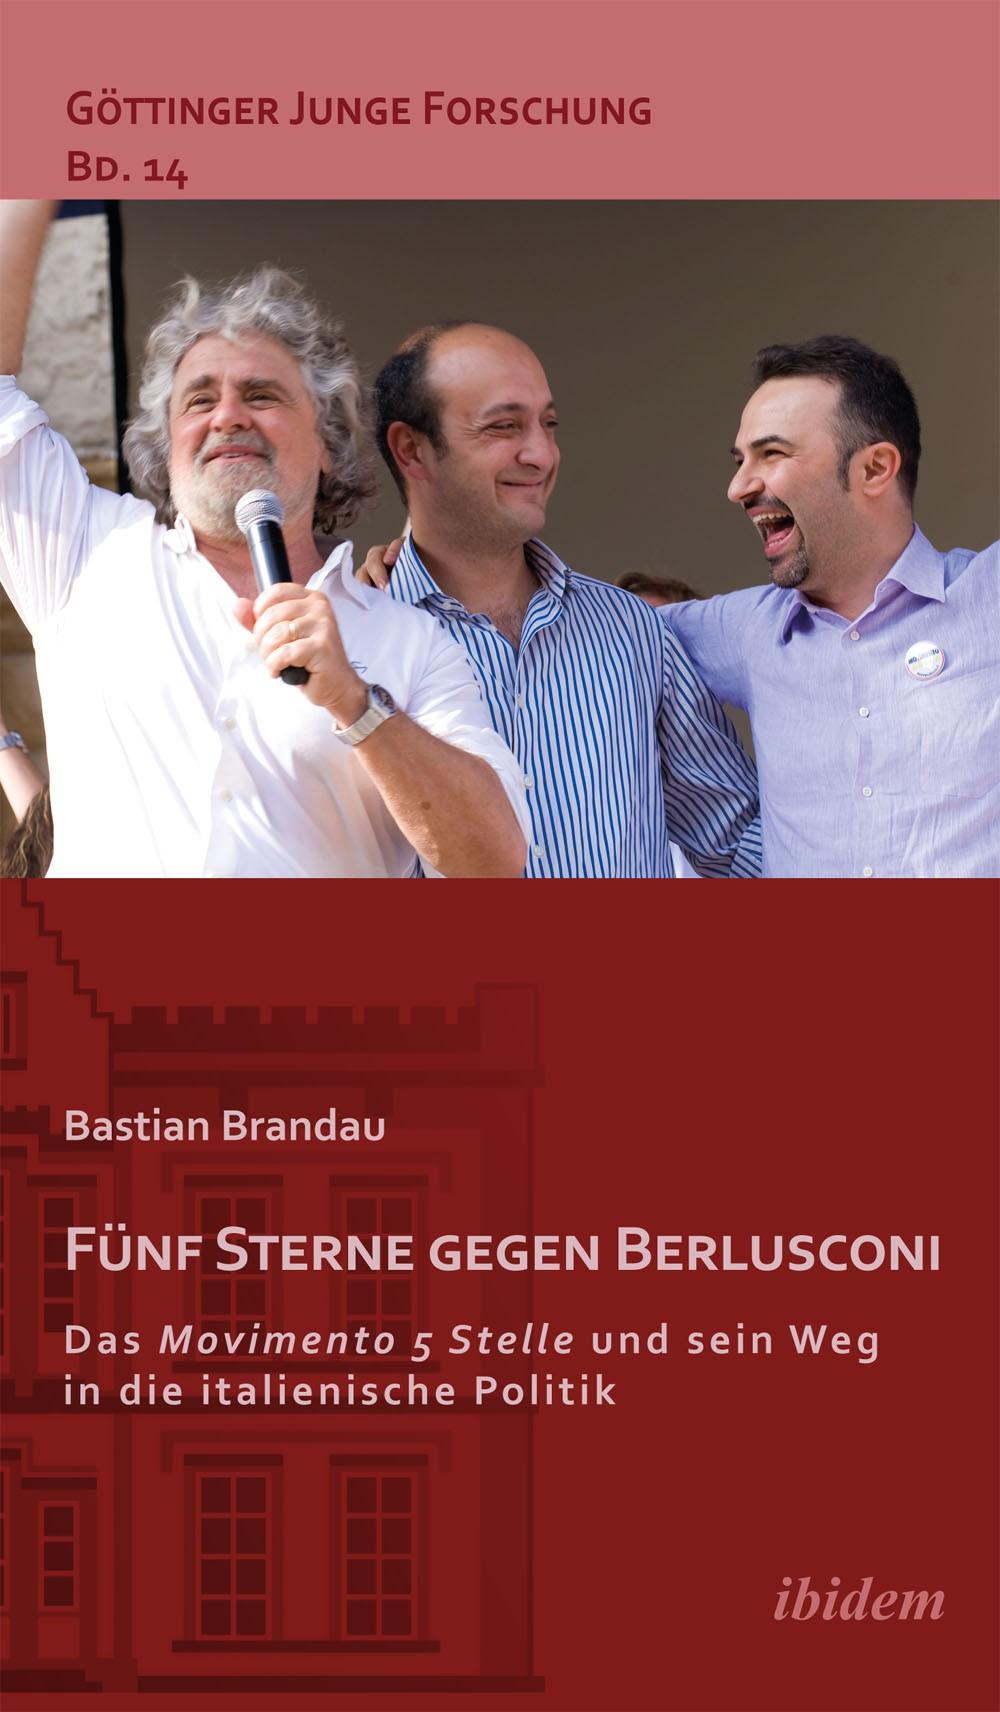 Fünf Sterne gegen Berlusconi. Das Movimento 5 Stelle und sein Weg in die italienische Politik